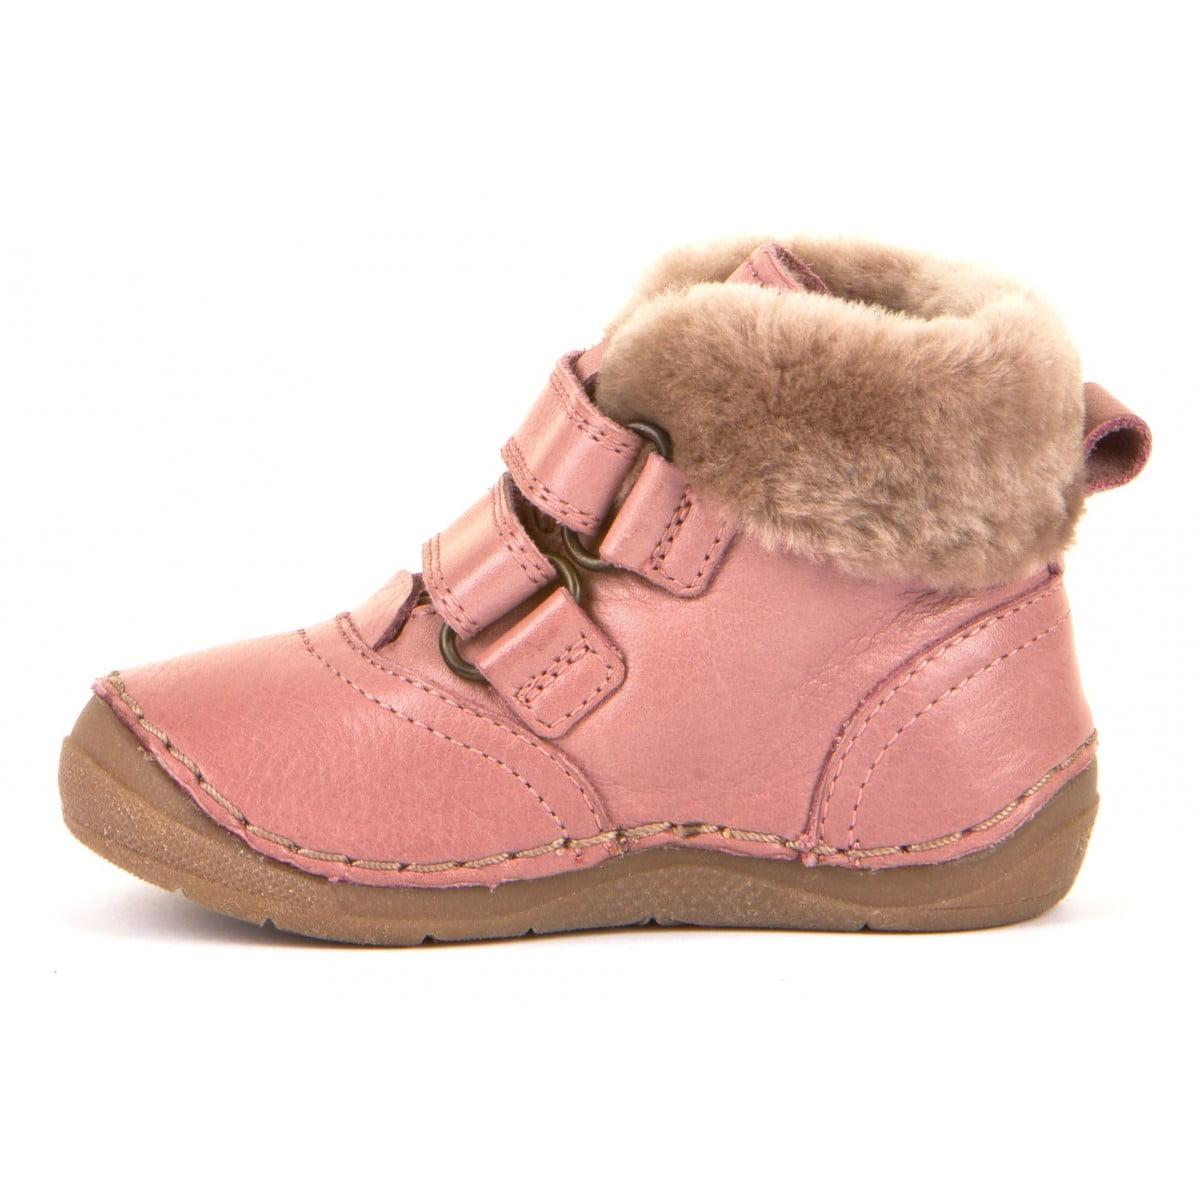 Ghete din piele căptuşite cu blană de miel şi talpă flexibilă pink Froddo 1